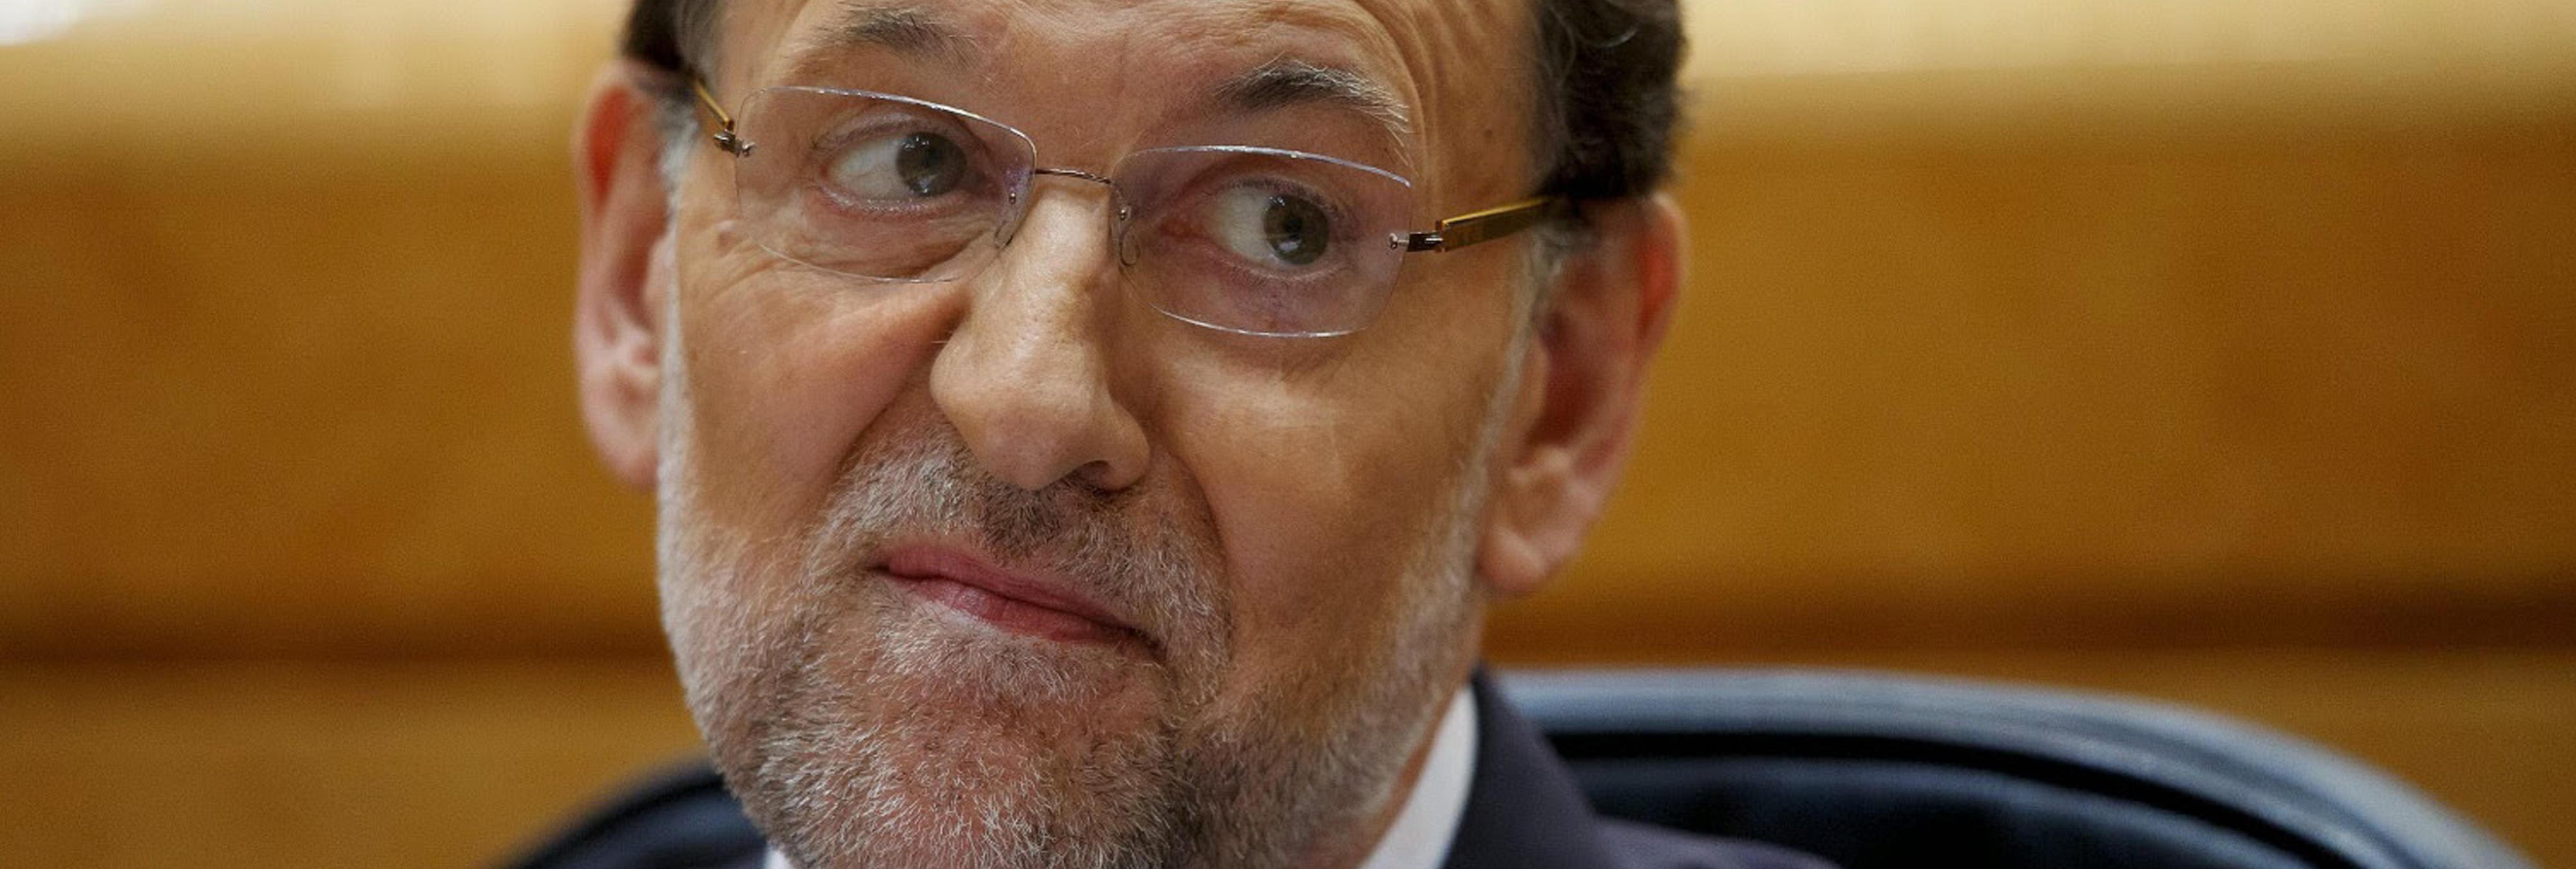 Tensión de Mariano Rajoy con el Rey y con su propio partido